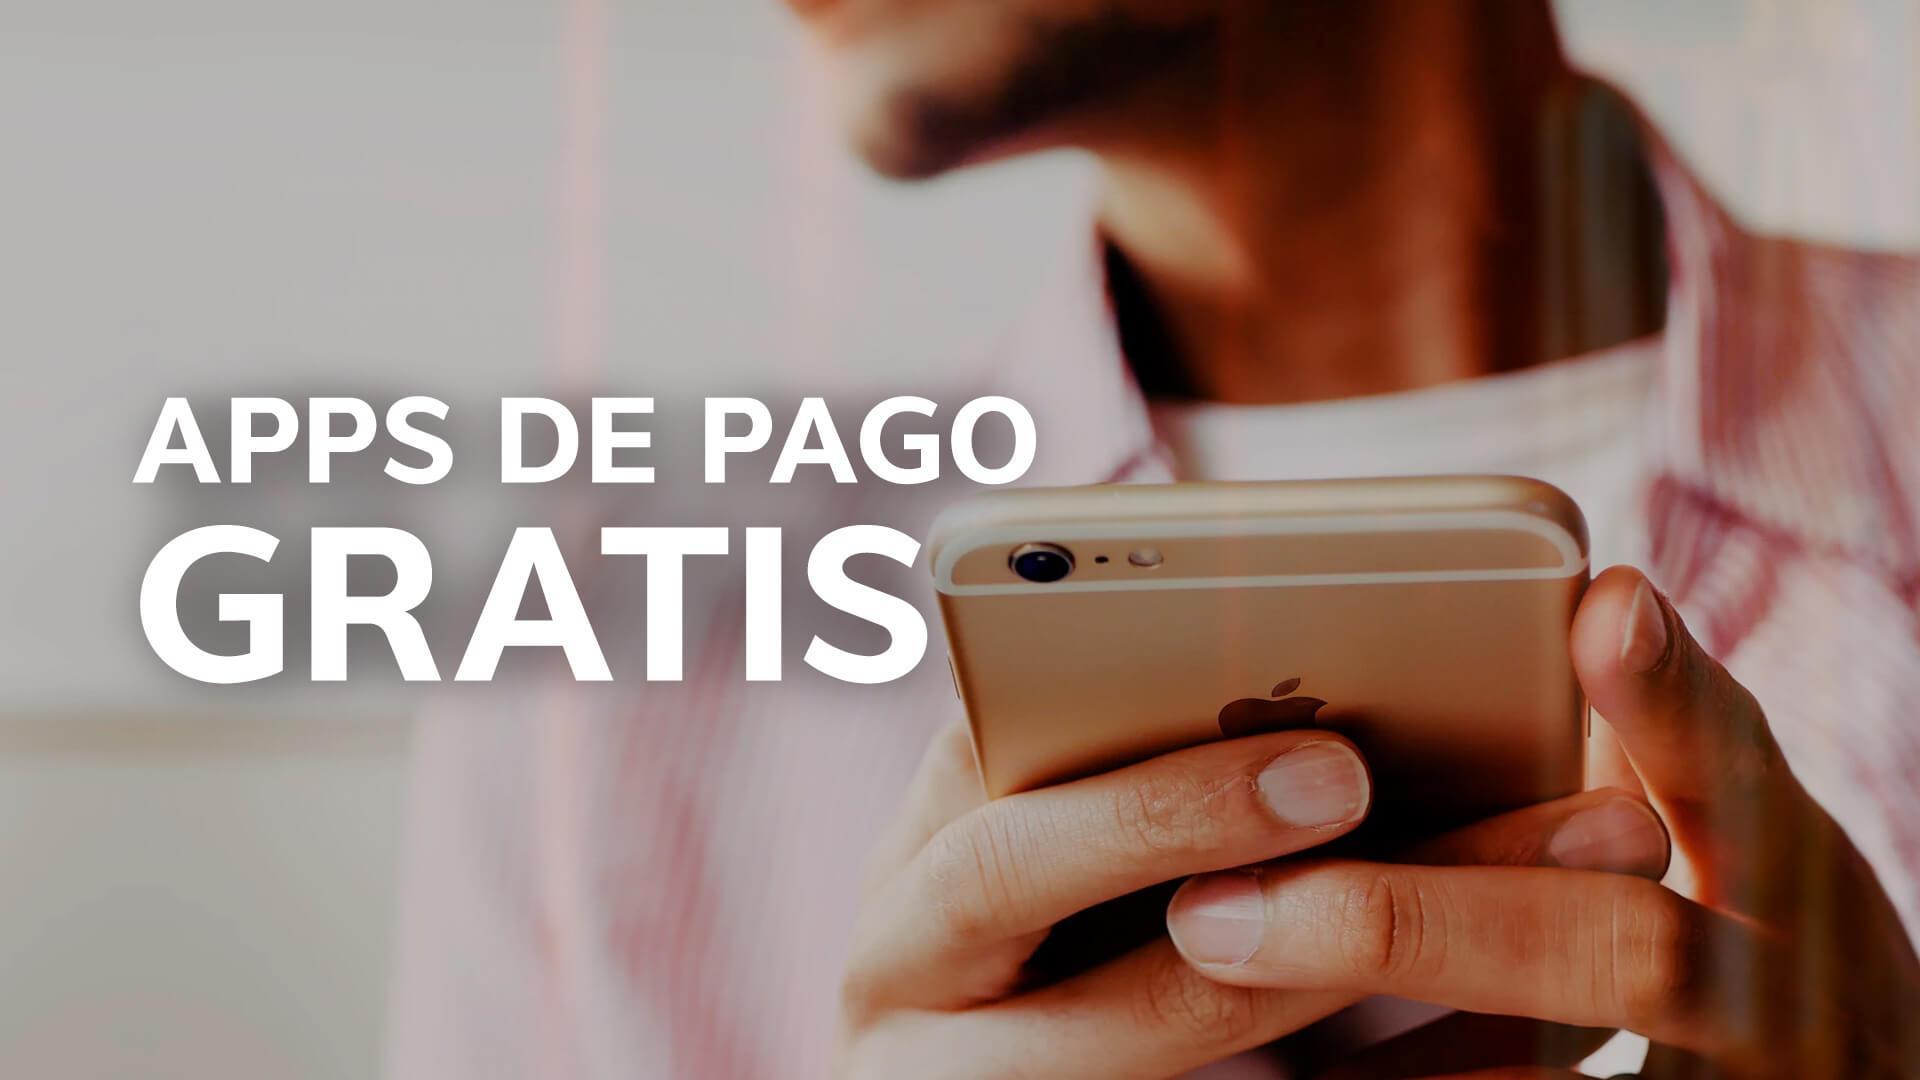 Aplicaciones gratis de pago apps gratis 4